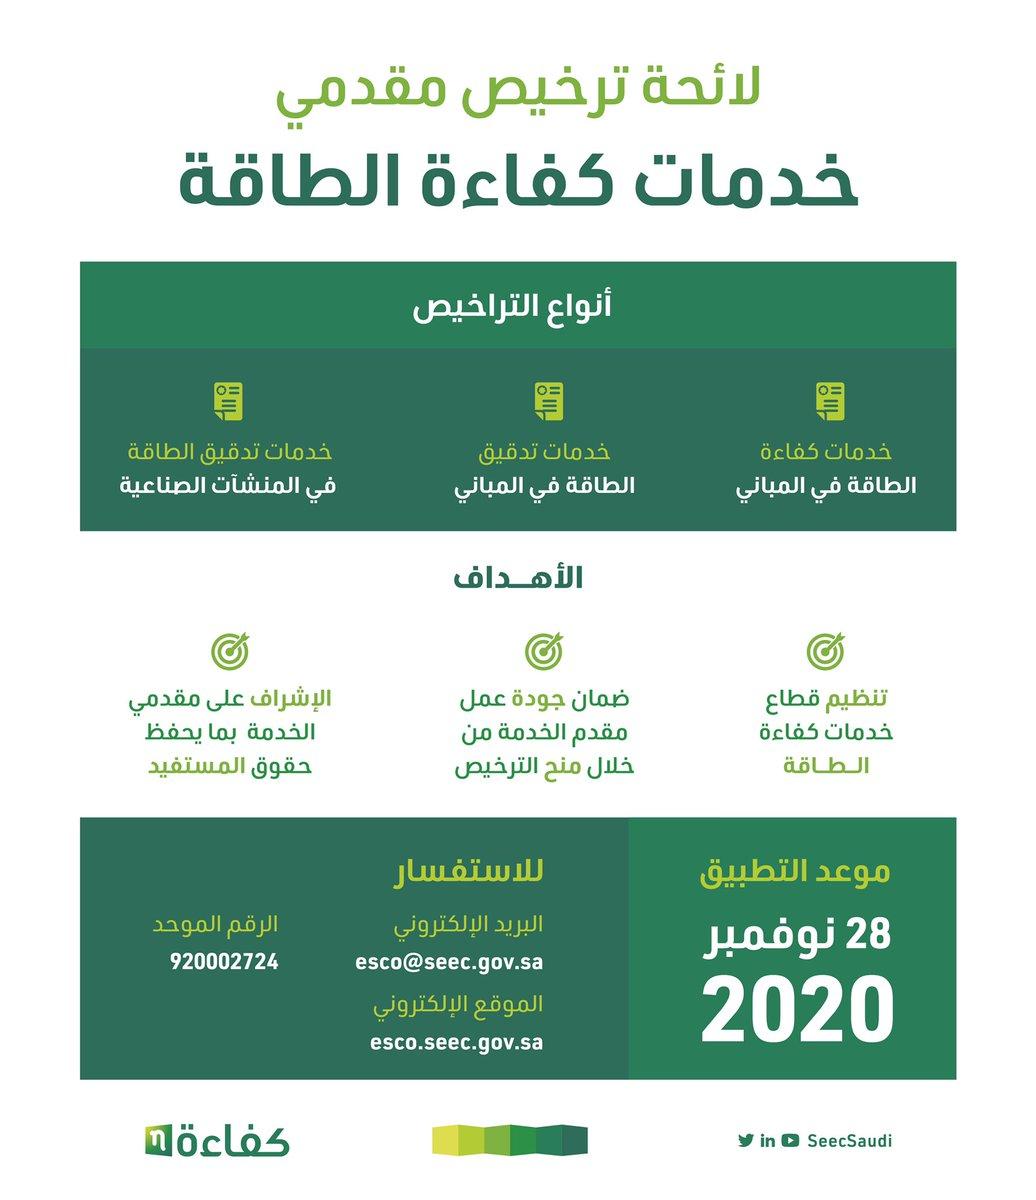 اصدر المركز لائحة ترخيص مقدمي خدمات #كفاءة_الطاقة ويبدأ تطبيق هذه اللائحة في 28 نوفمبر 2020 https://t.co/J1lWSoztQg